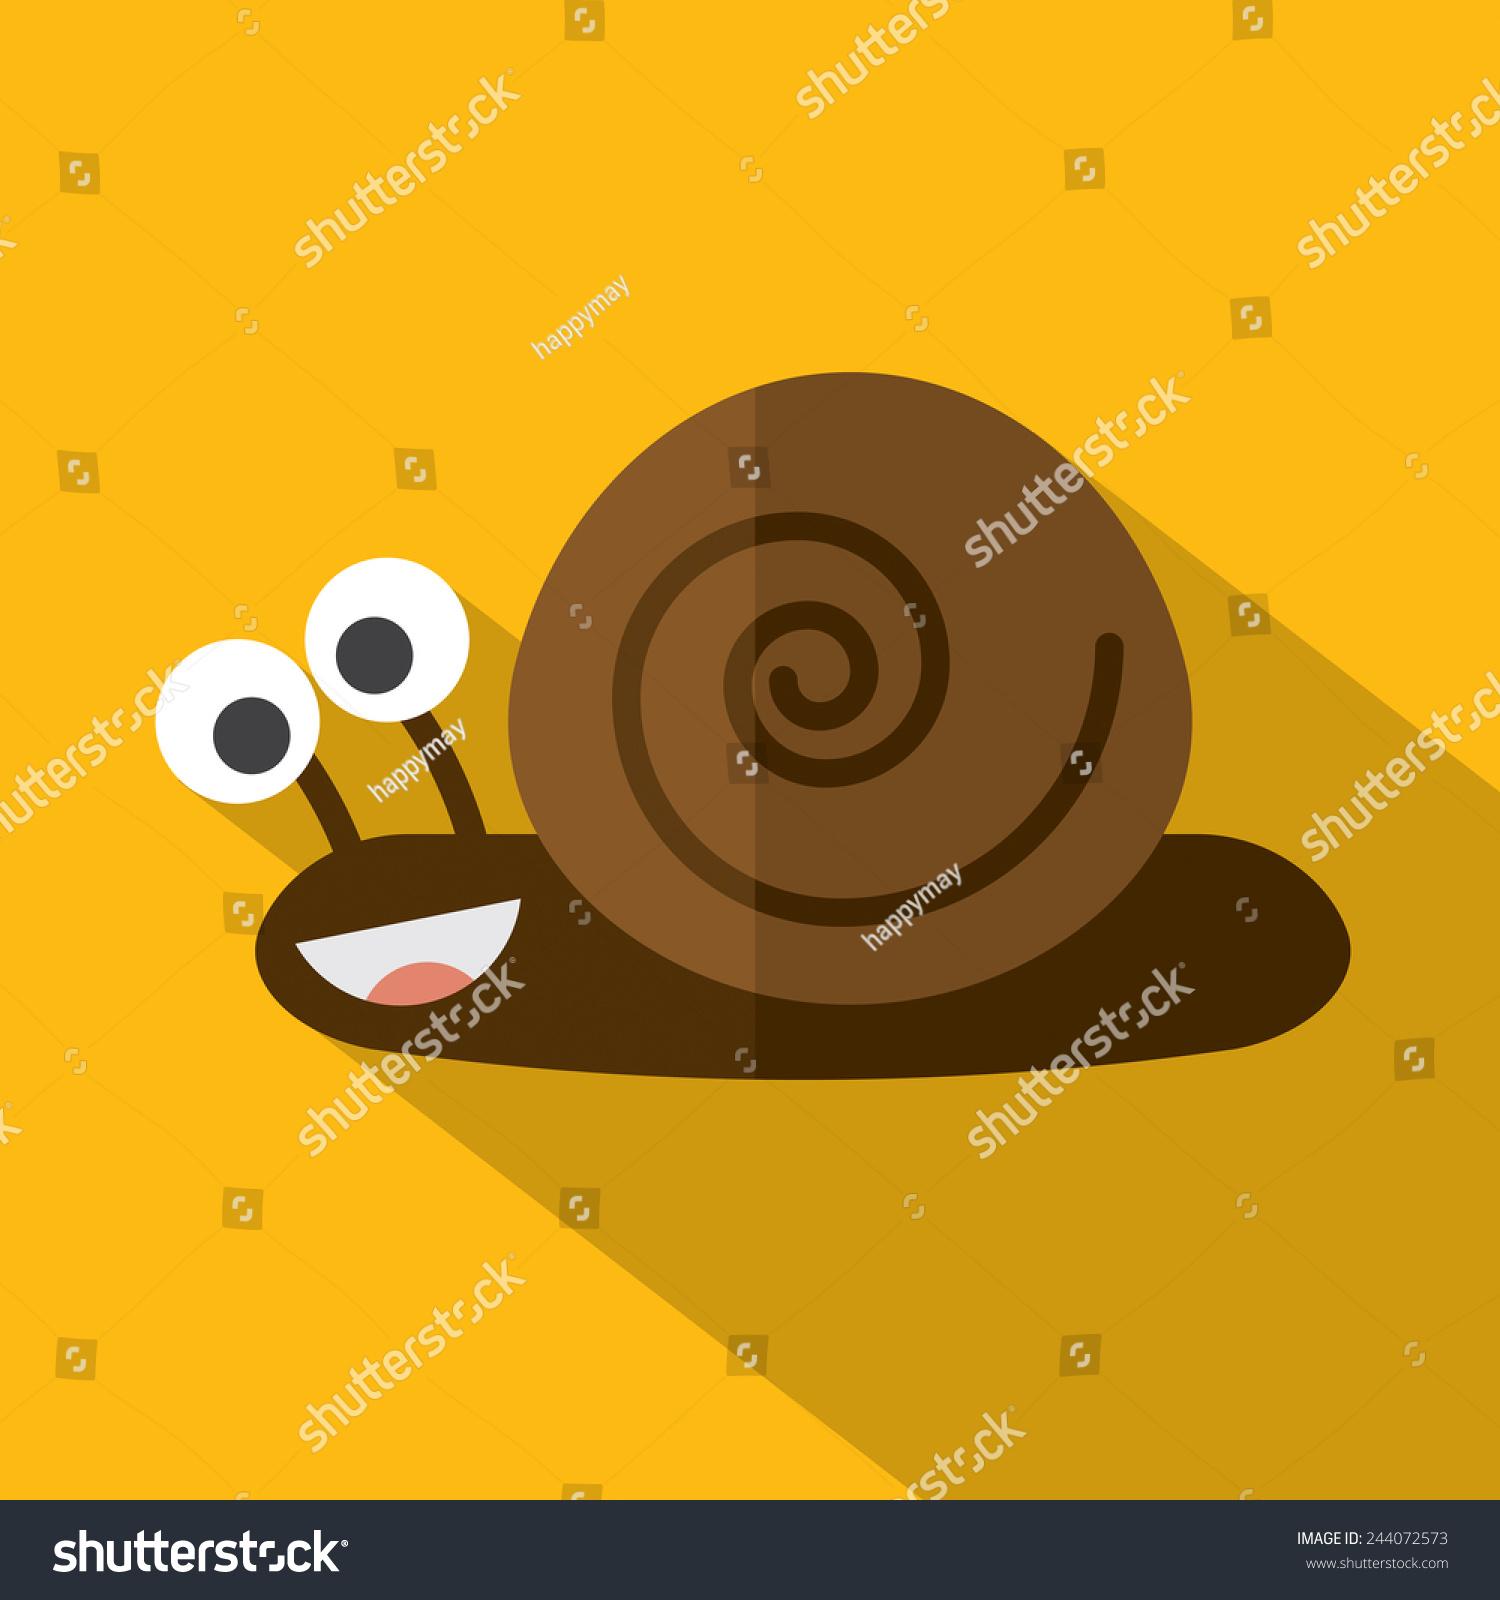 现代平面设计蜗牛图标矢量图-动物/野生生物-海洛